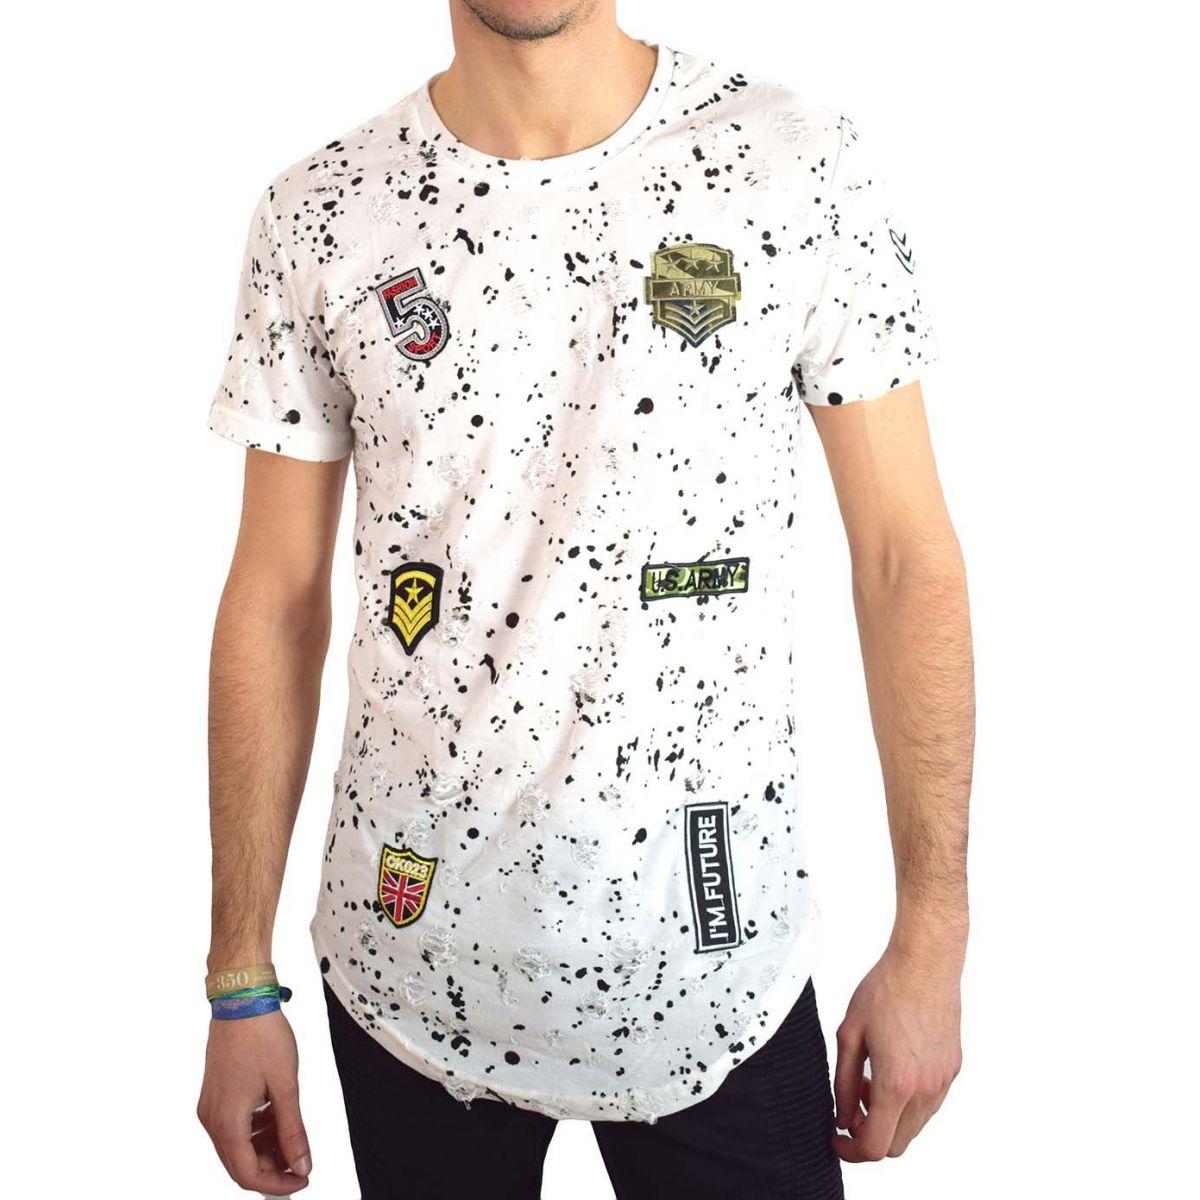 Homme Patch Déchiré Oversize Shirt Blanc T wkNPX8n0O